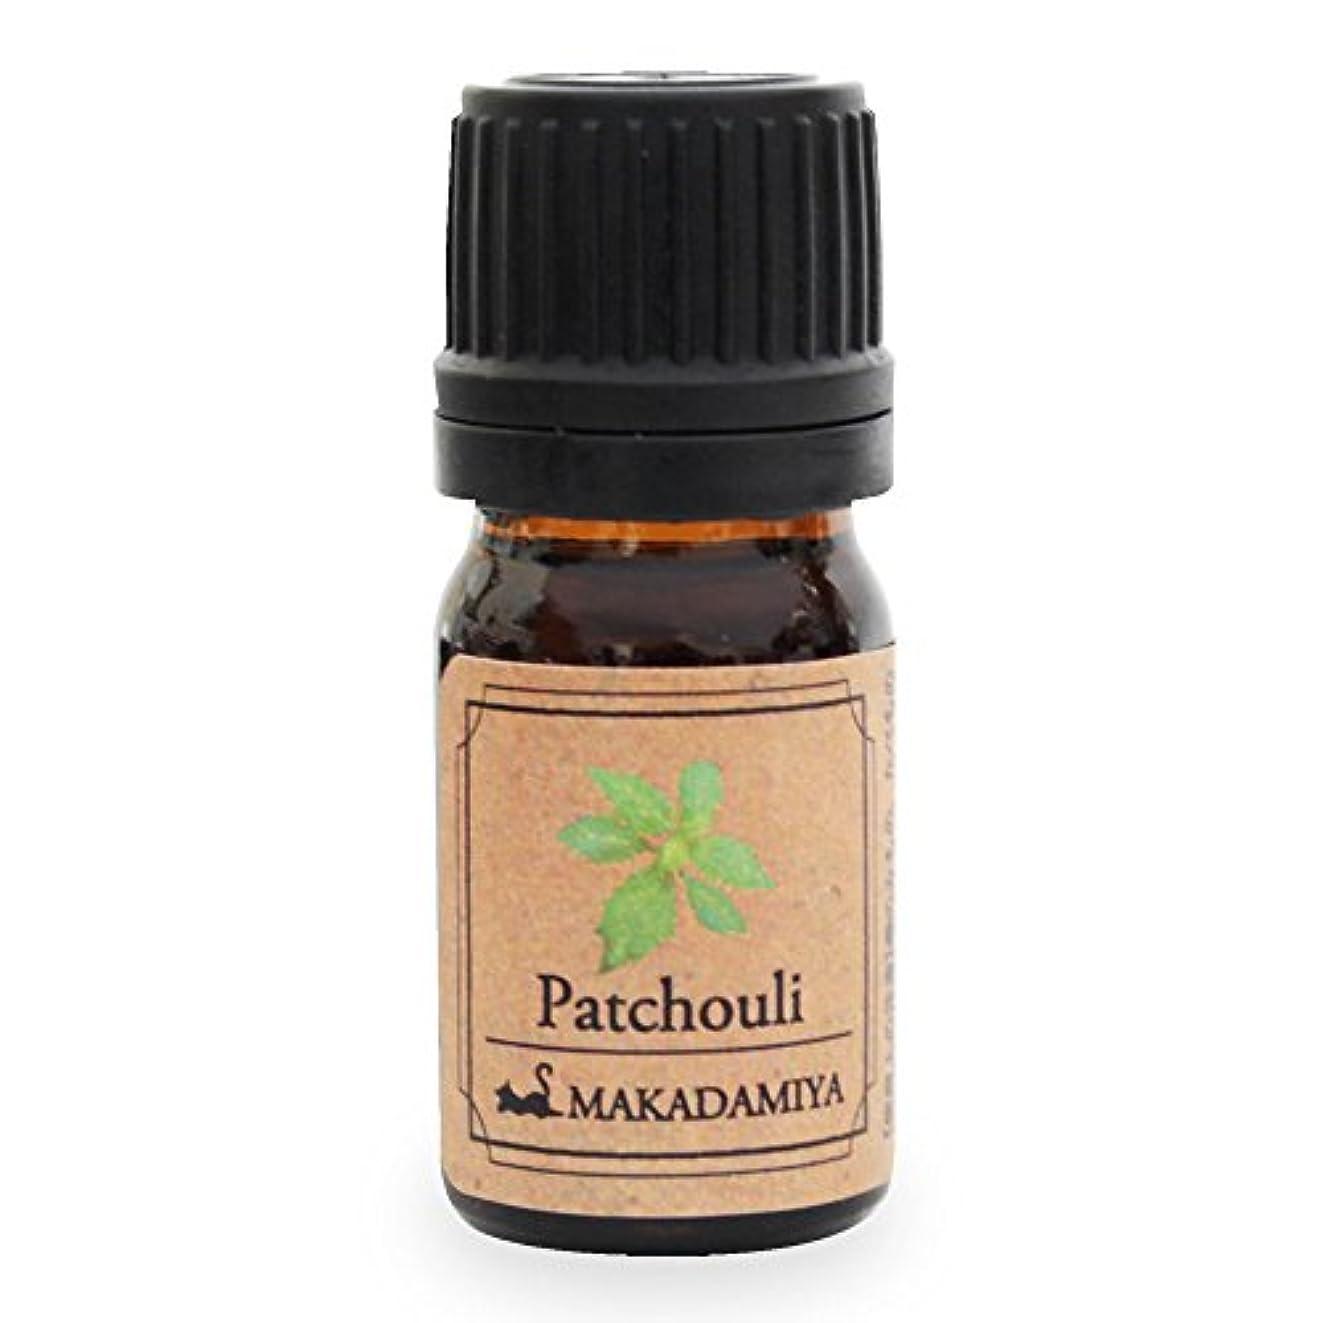 ロック解除誰が罰するパチュリ5ml 天然100%植物性 エッセンシャルオイル(精油) アロマオイル アロママッサージ aroma Patchouli